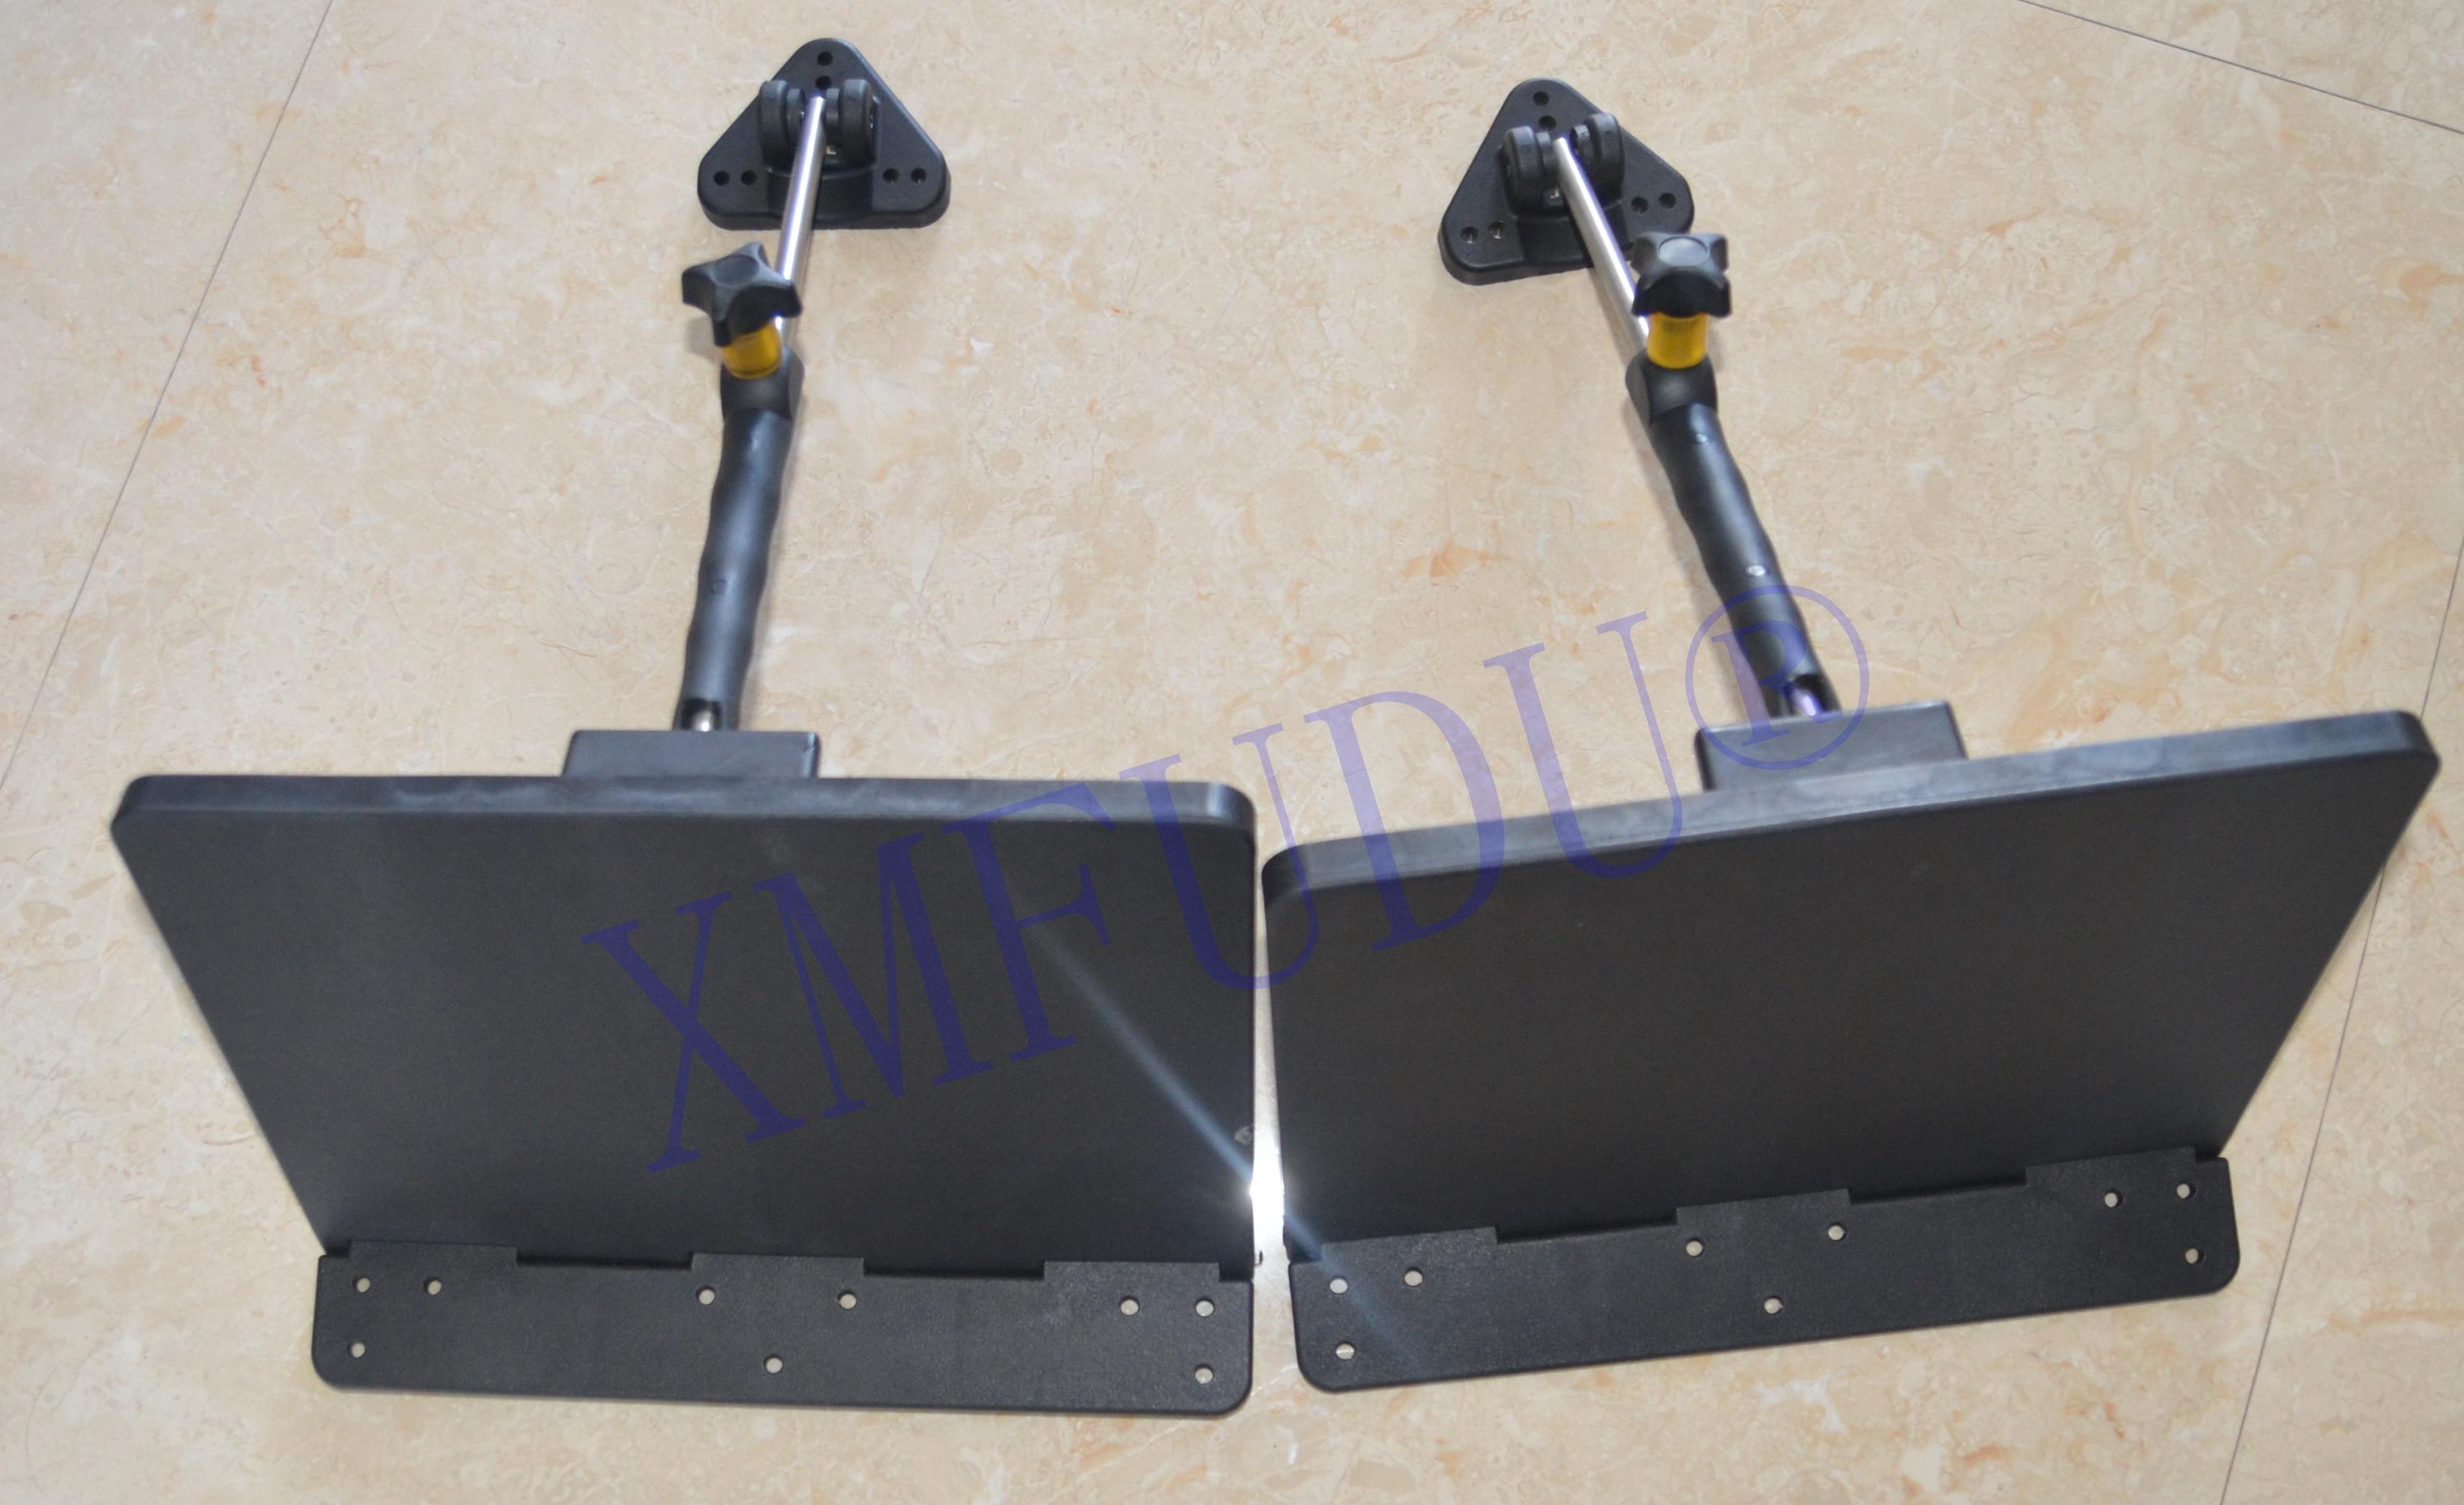 tab kit de guarnicao manual 455mm 235mm resistente a corrosao de liga de alta resistencia para